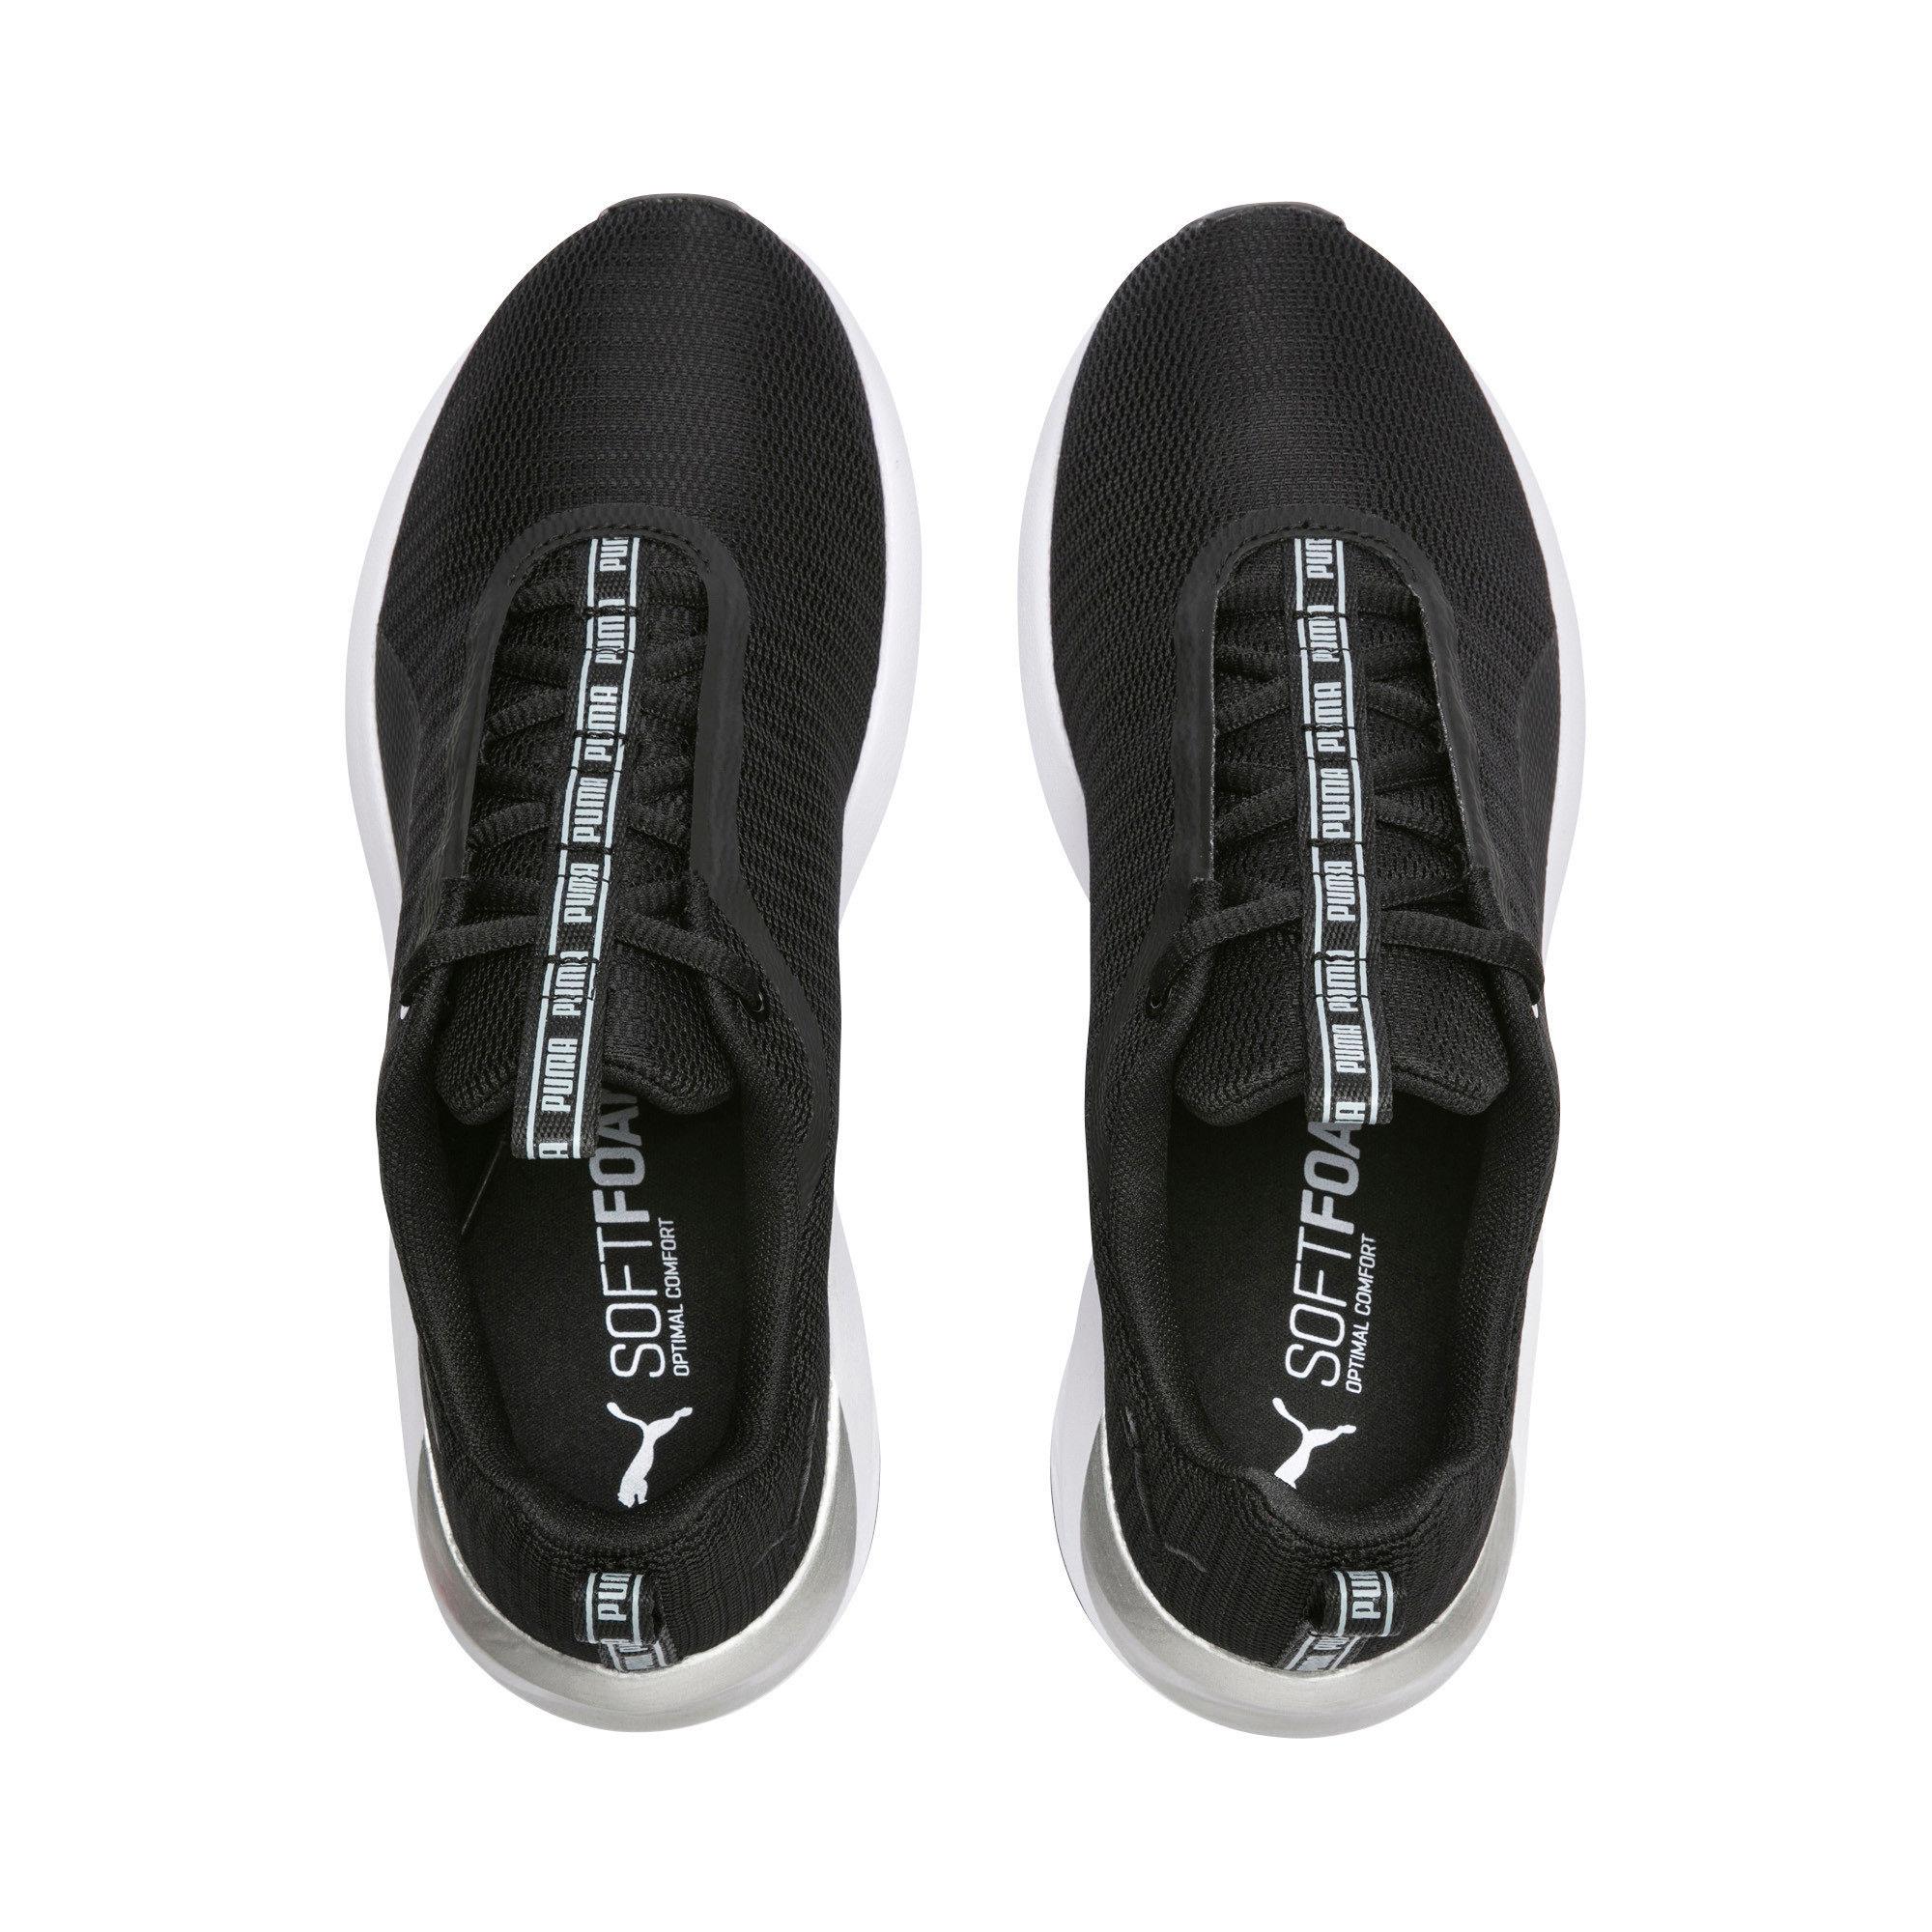 Puma Prowl 2 Women's Black Sneakers